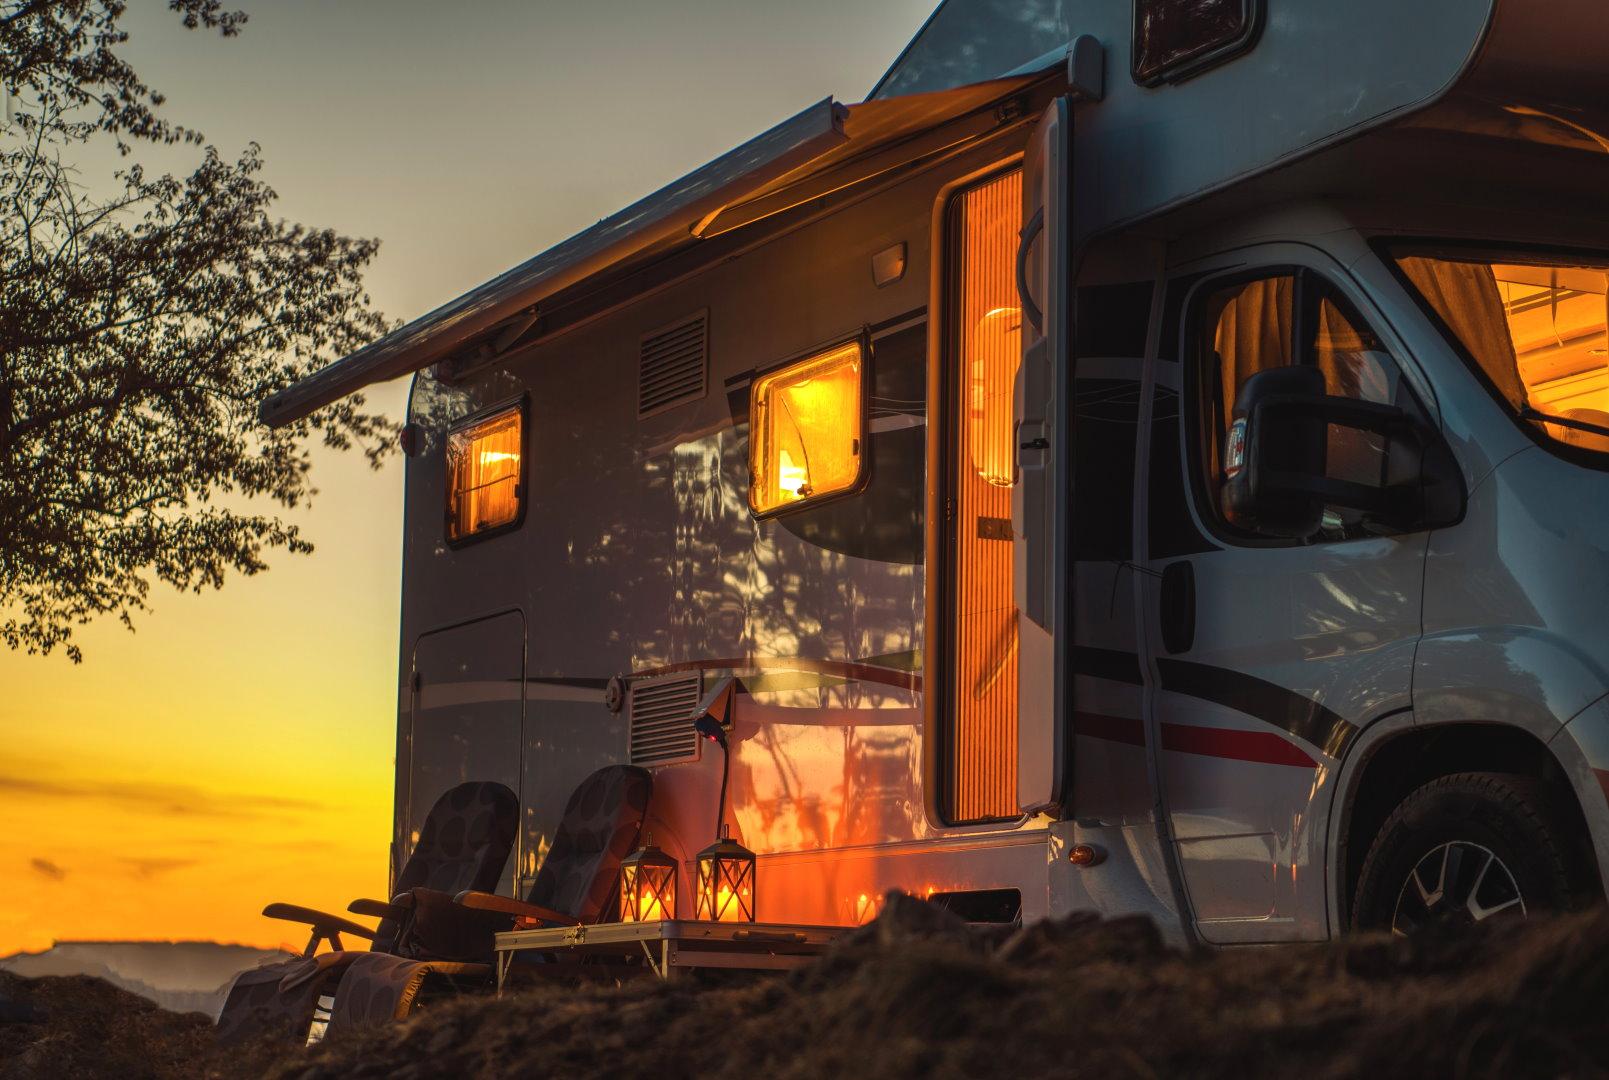 Erleuchtetes Wohnmobil mit Kerzen im Sonnenuntergang